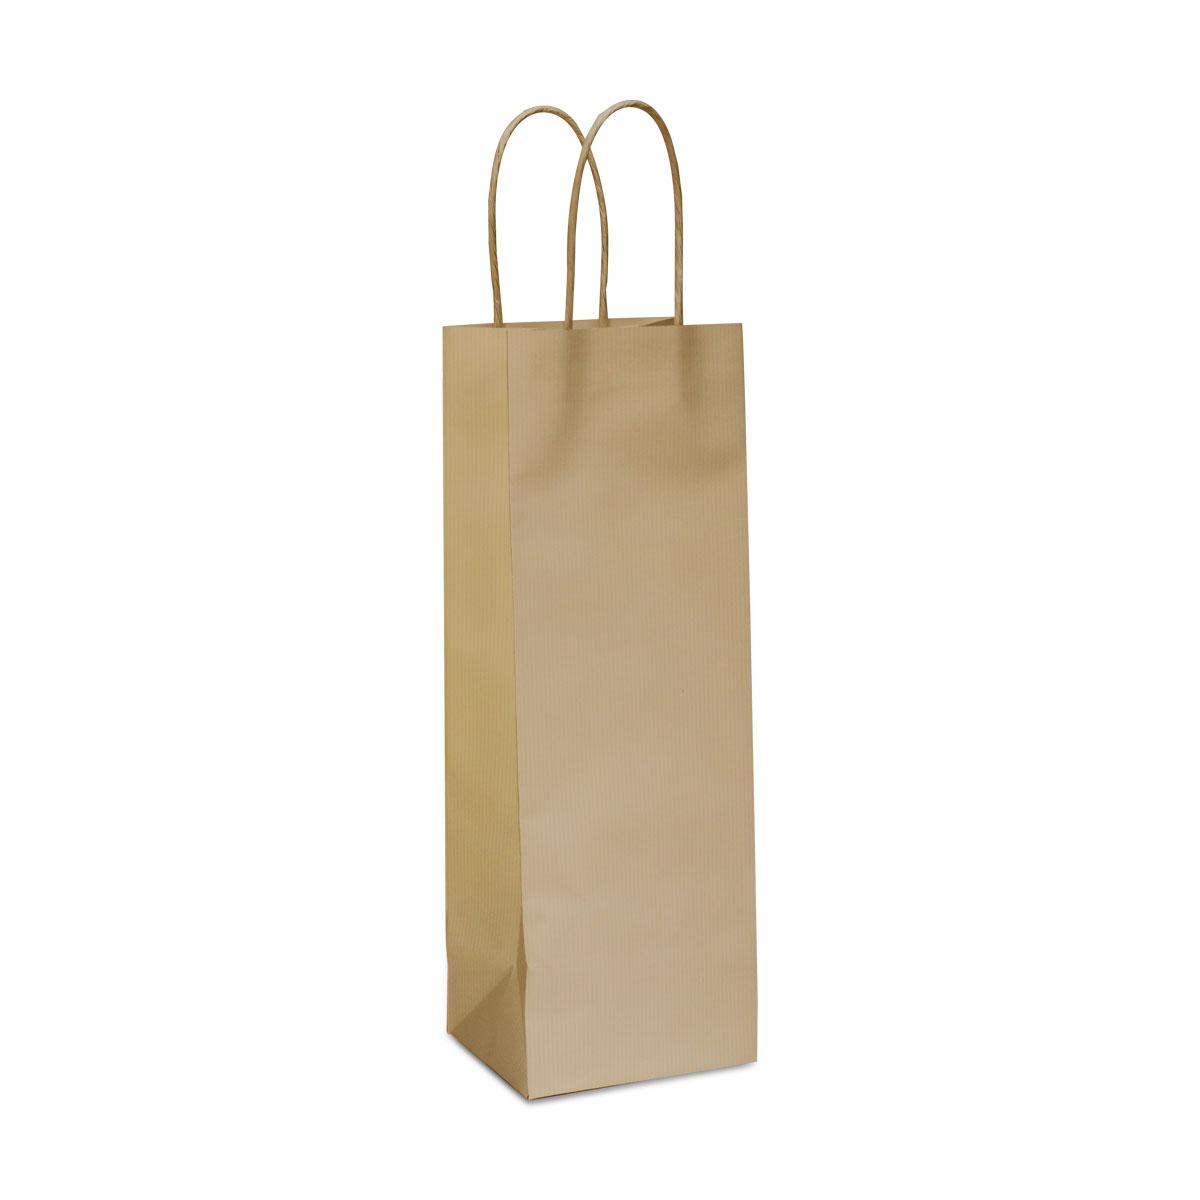 Twisted papieren kraft wijnflestassen